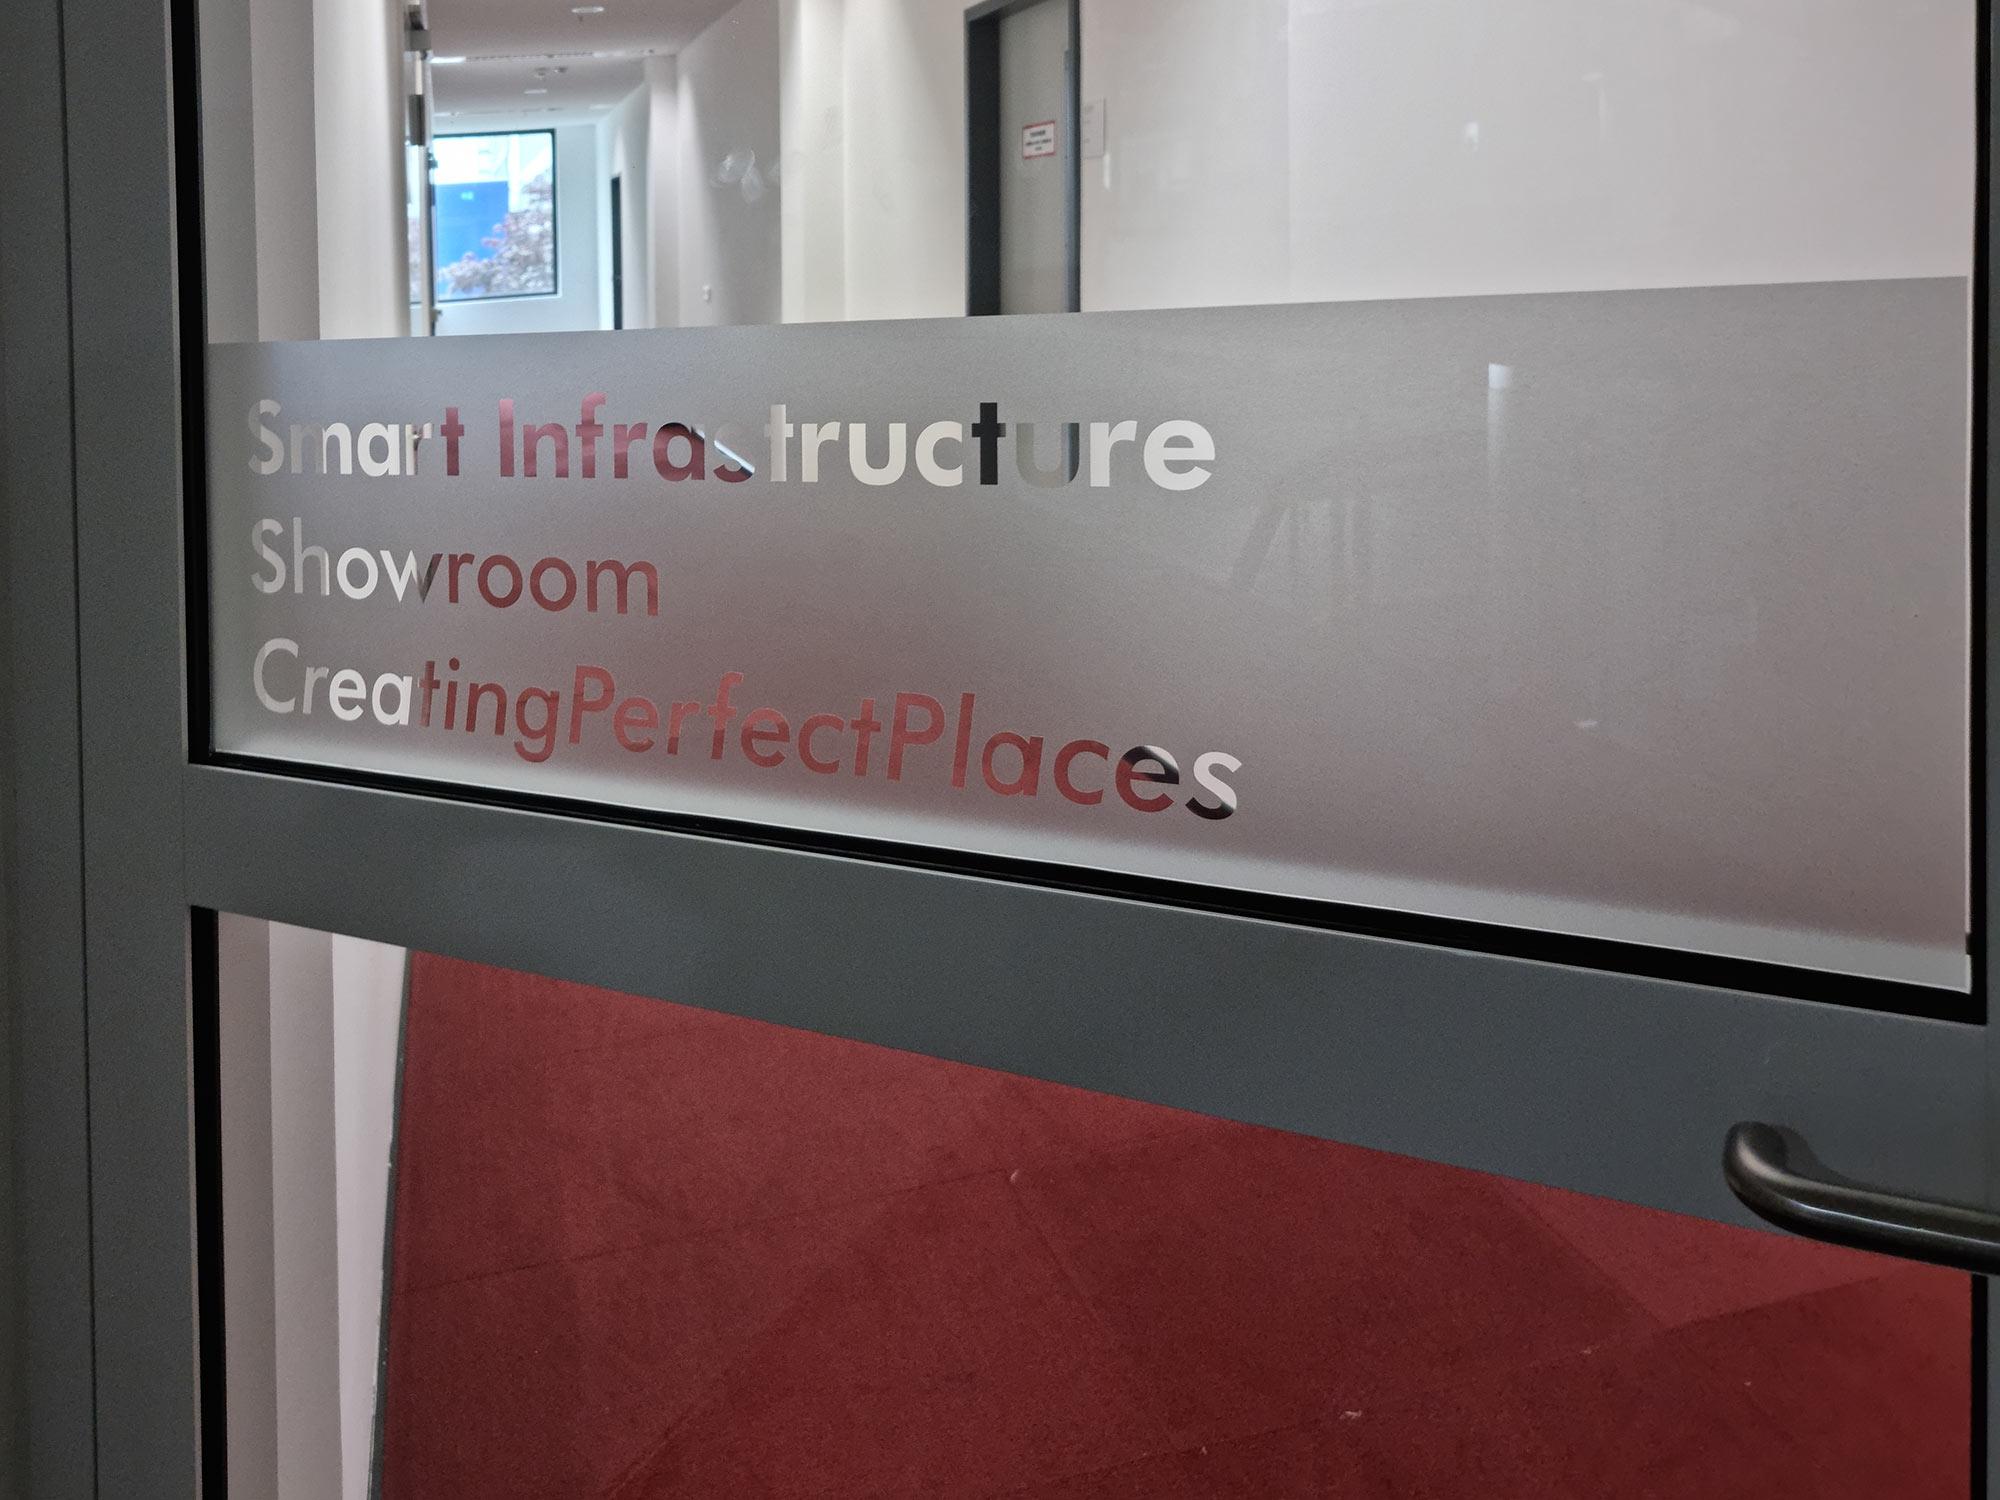 Smart Infrastructure Showroom - Smart Buildings Showroom - Siemens Frankfurt - Gebäudetechnik